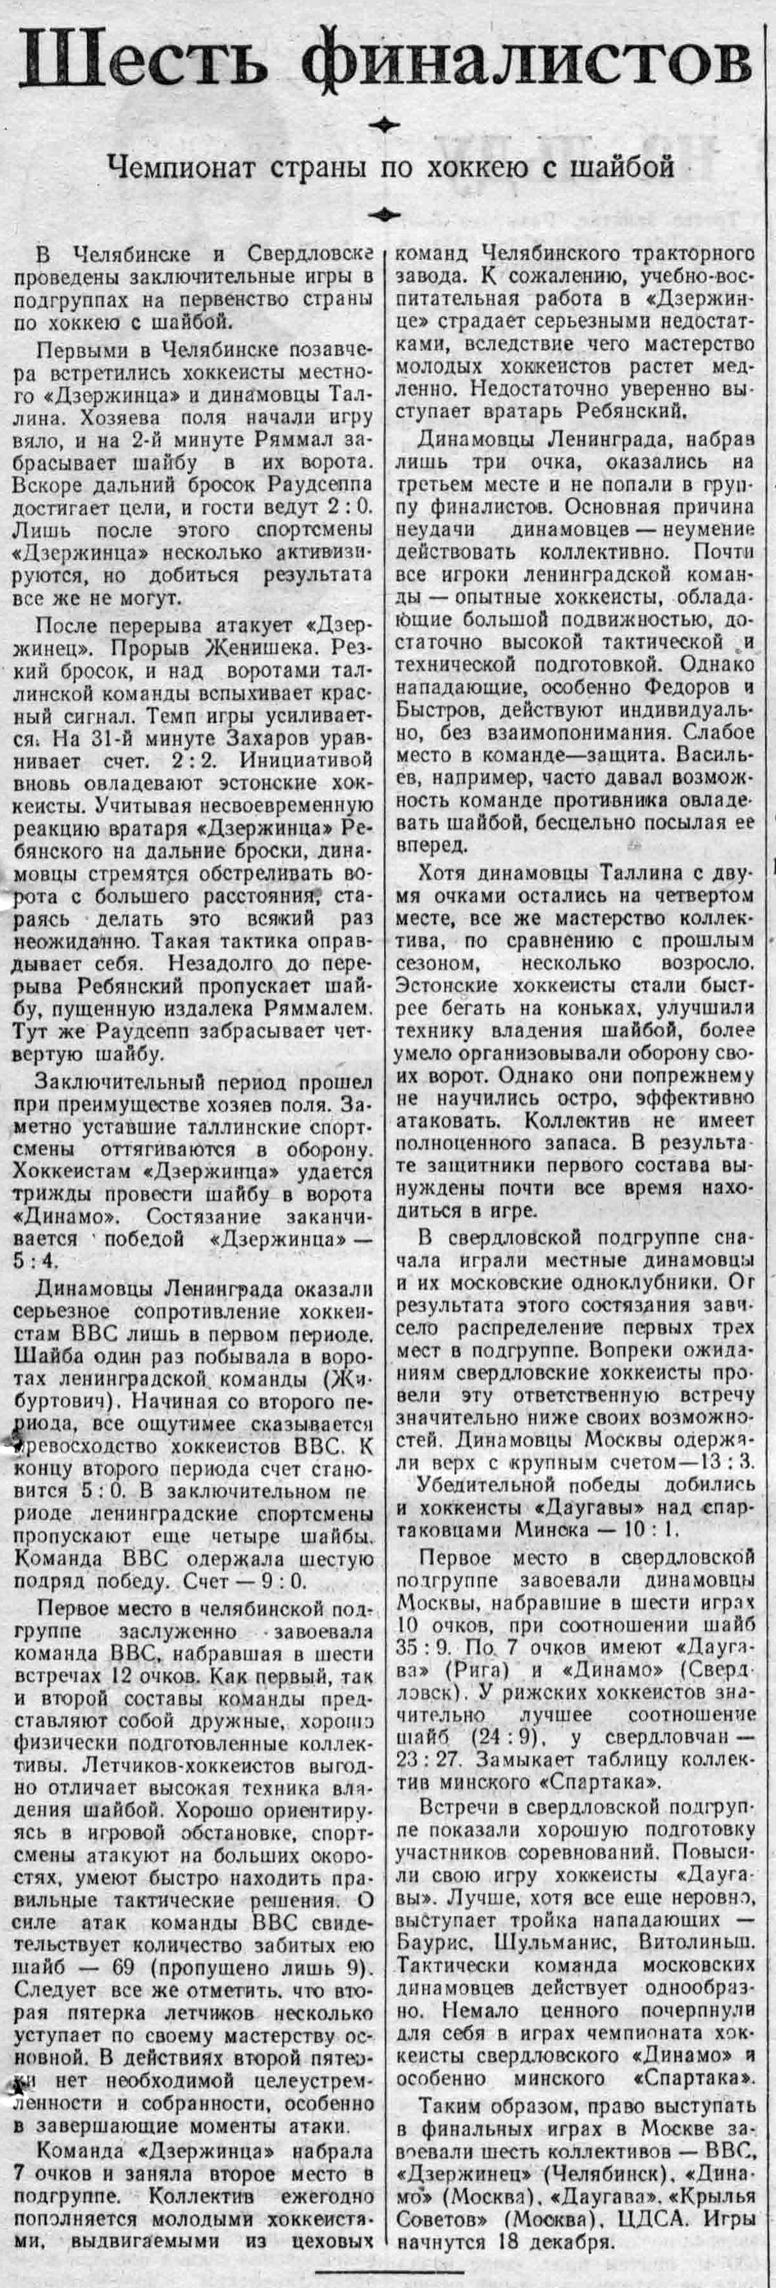 1951-12-13_146_05.jpg